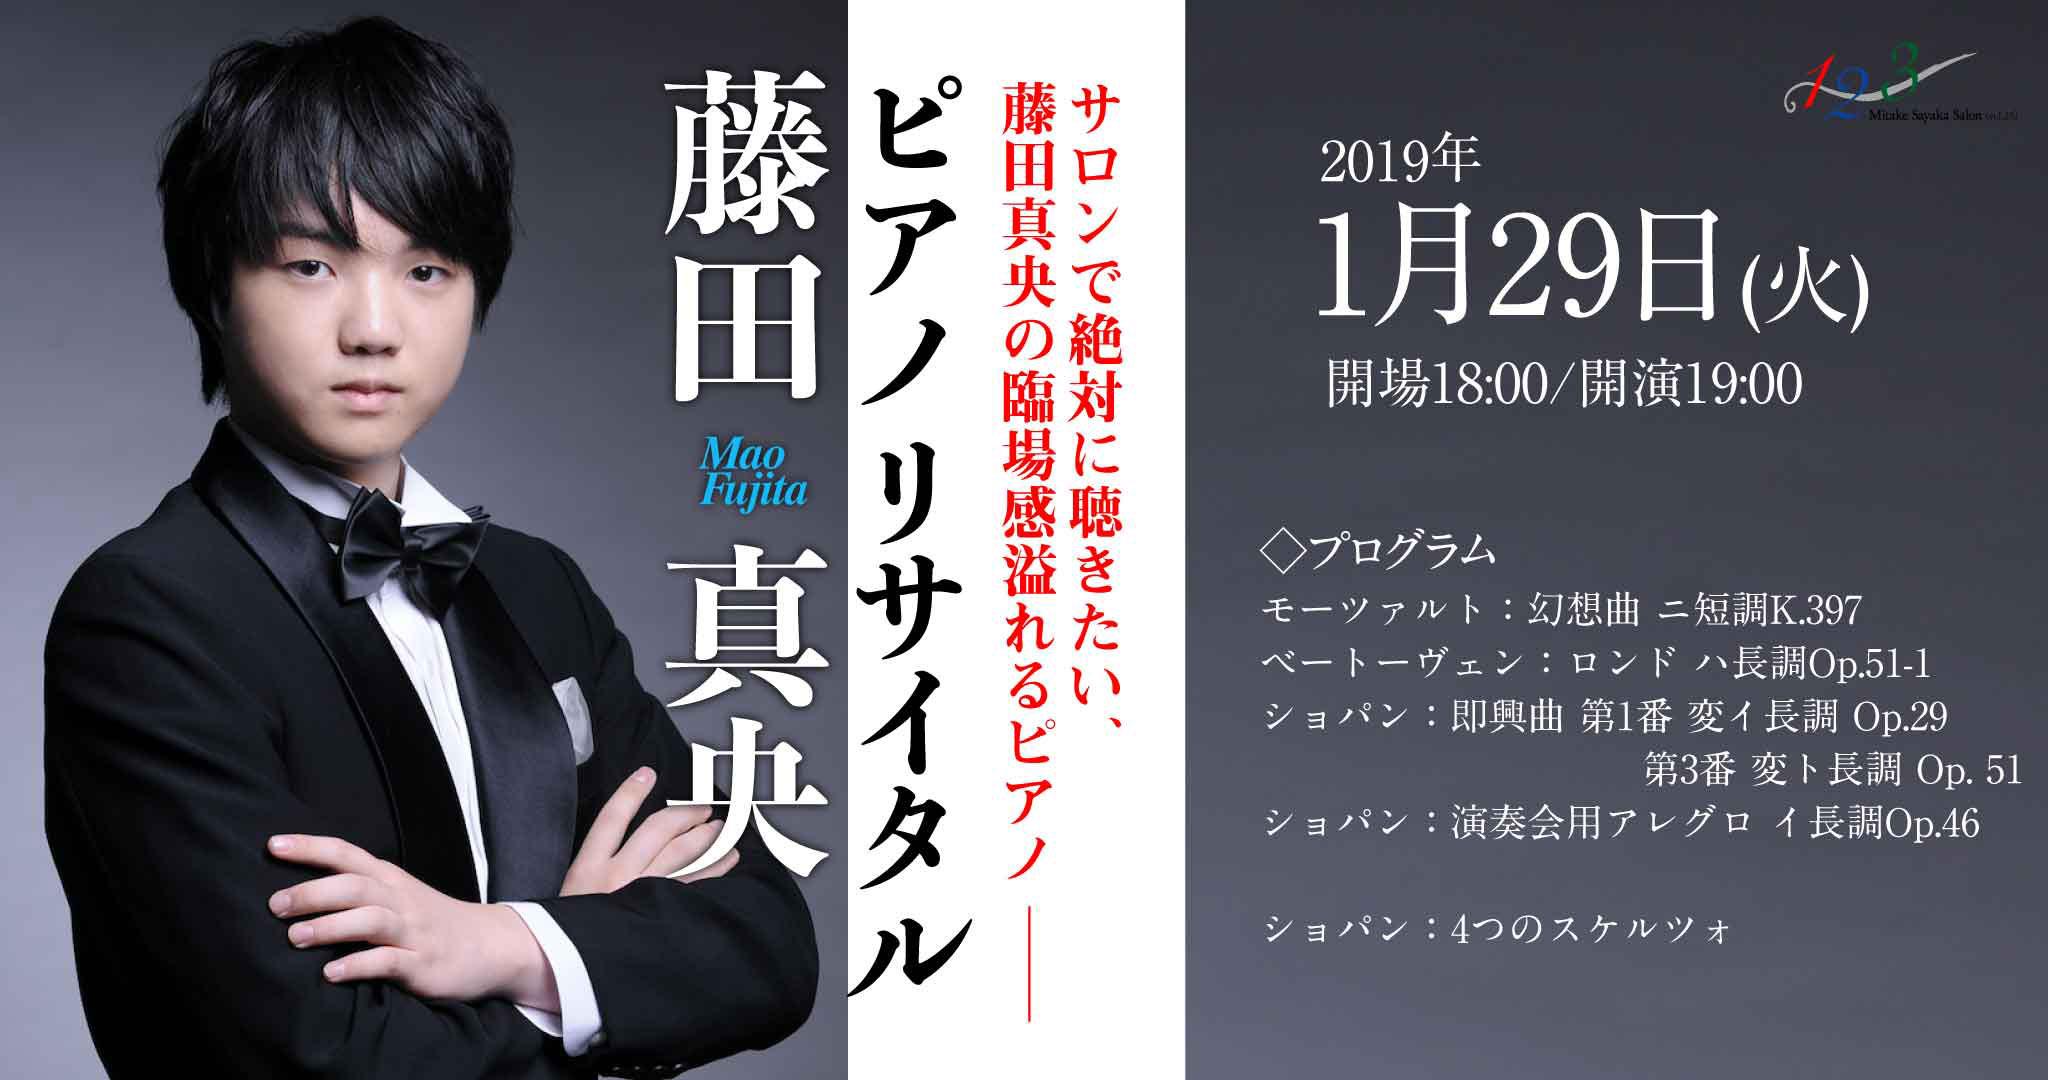 【完売】1月29日19:00~ 藤田真央ピアノリサイタル